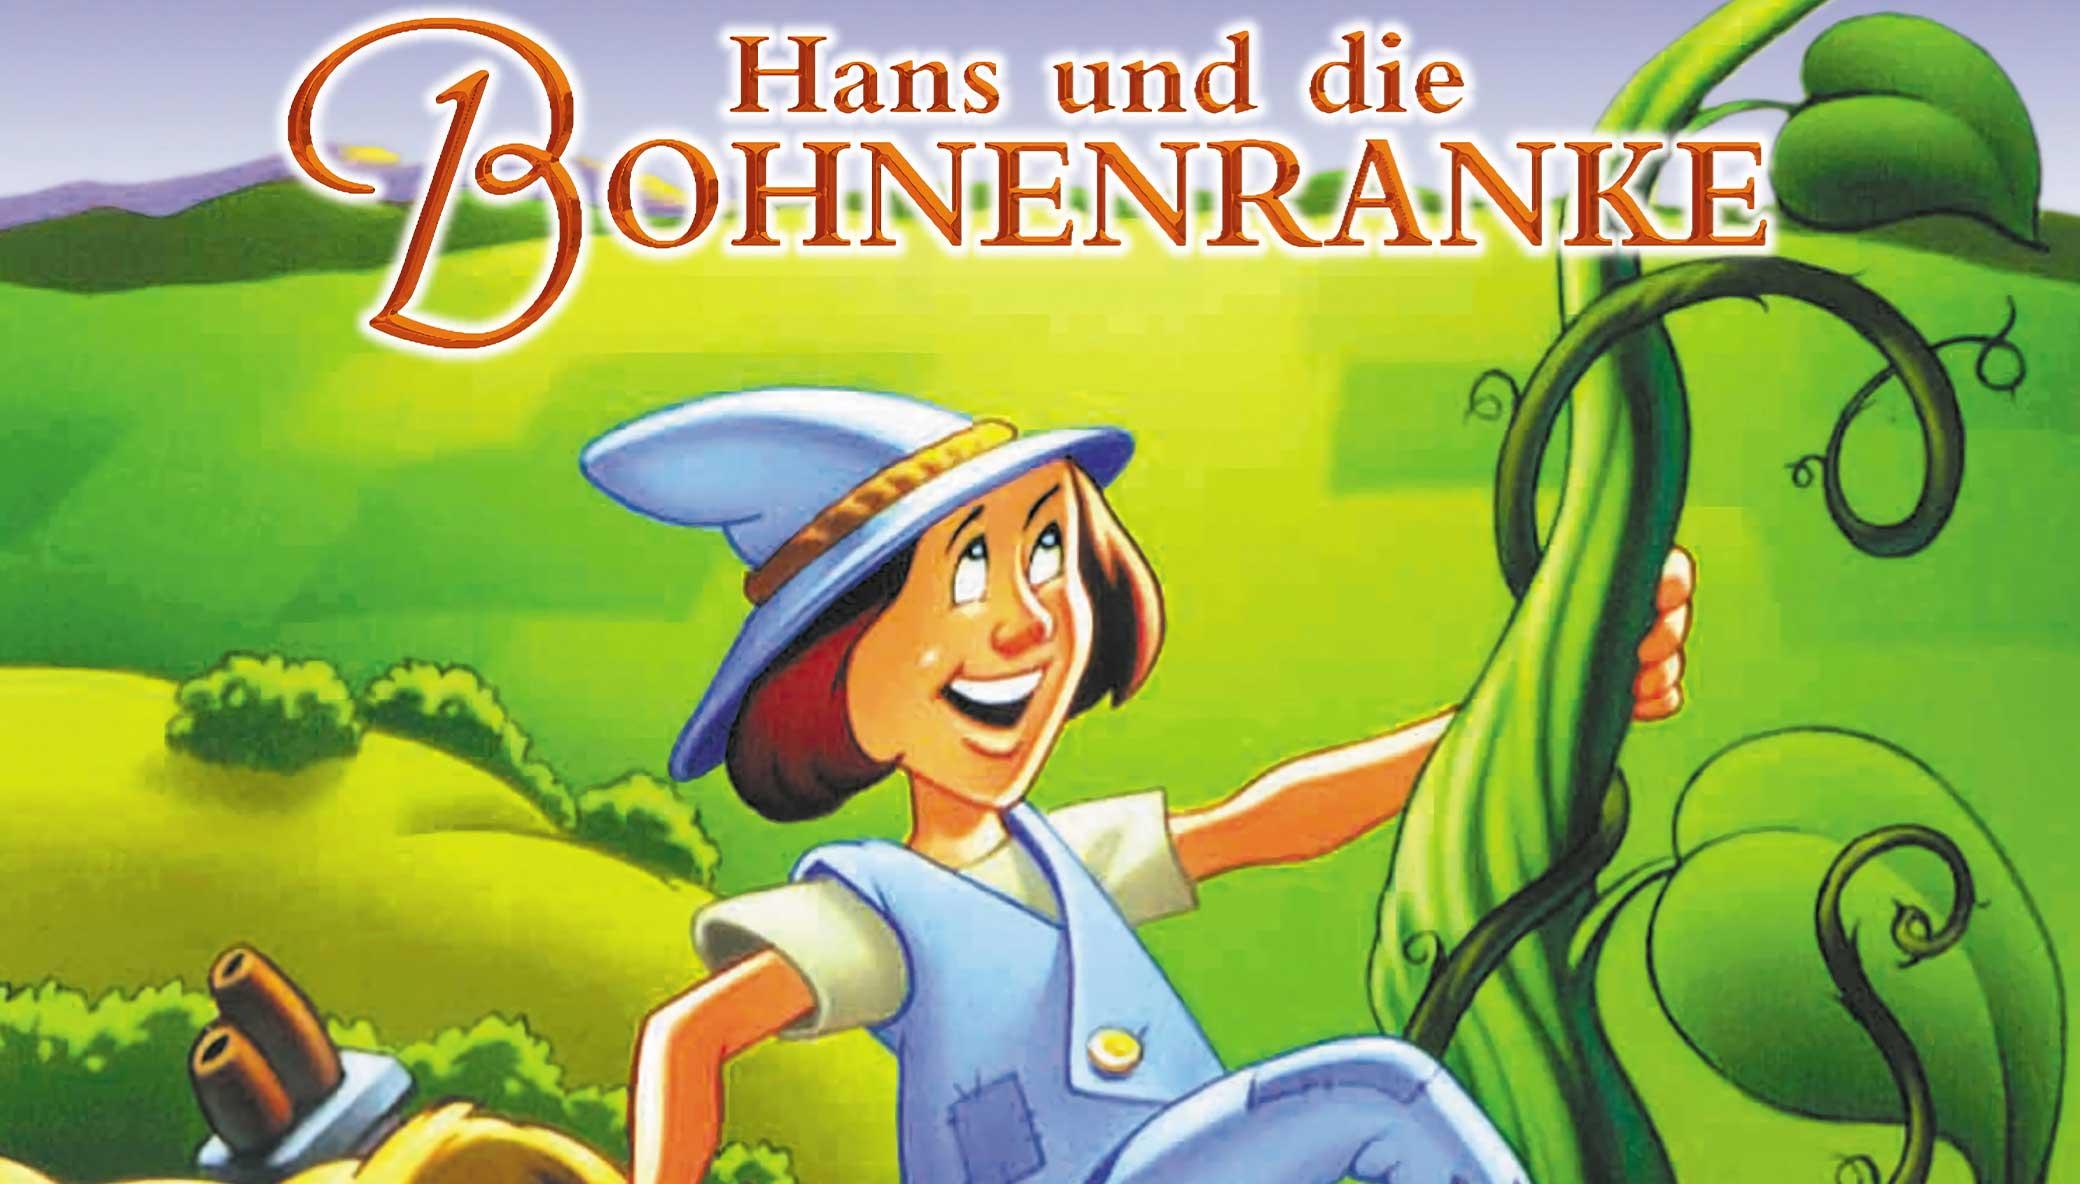 hans-und-die-bohnenranke\header.jpg